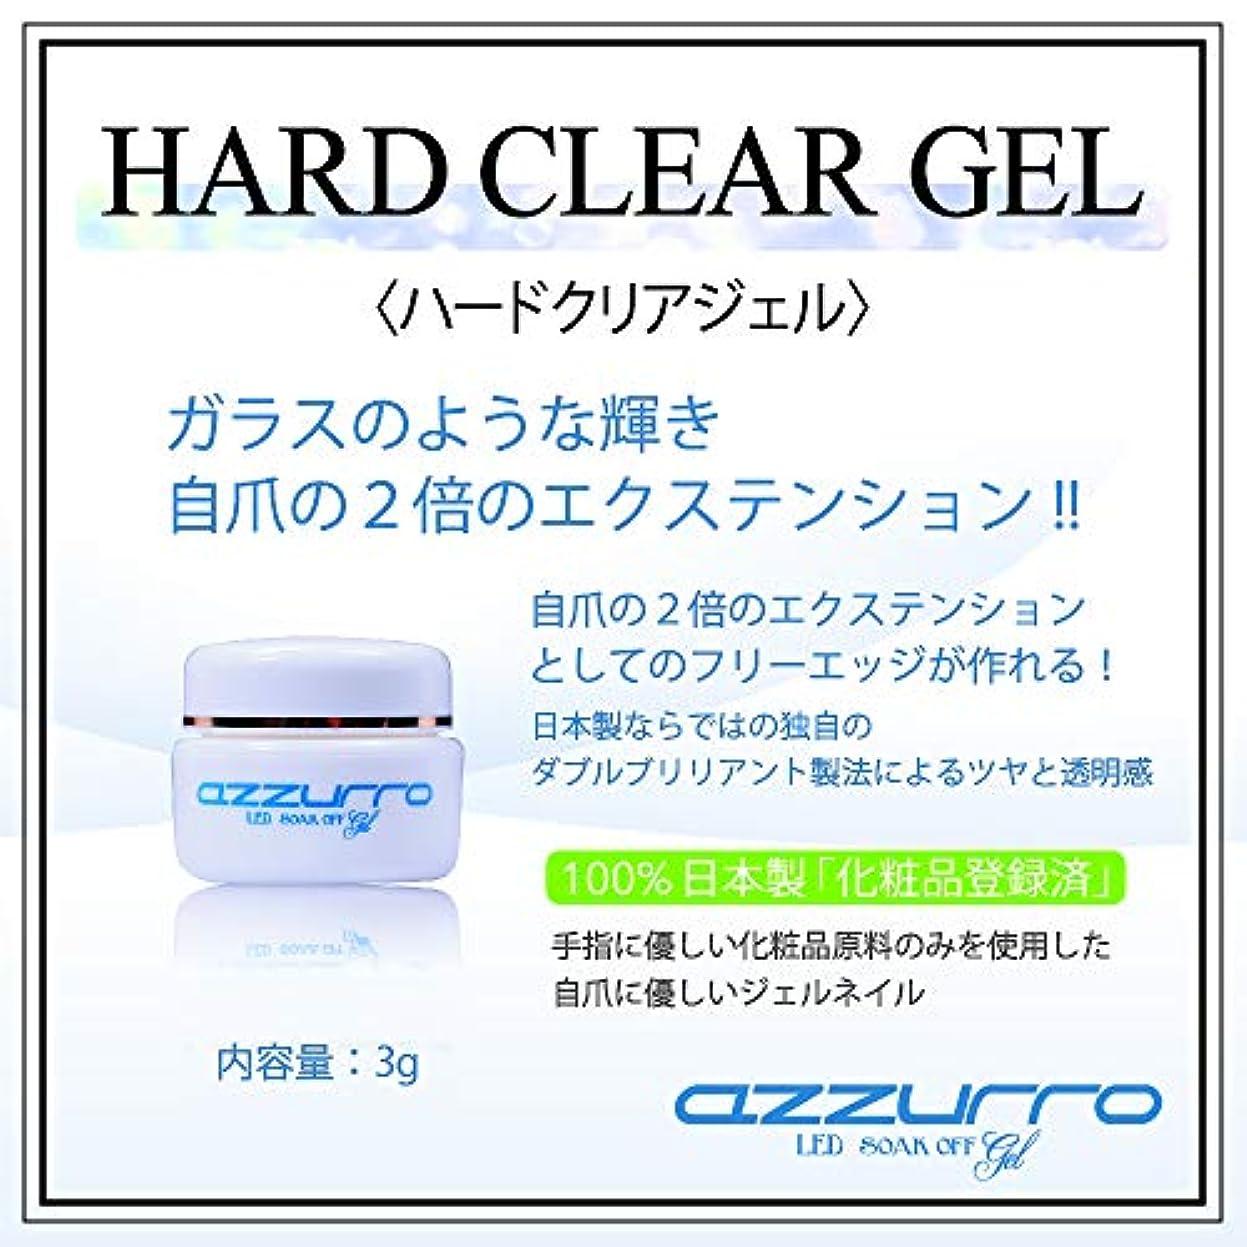 ファイアル変化するアクティブazzurro gel アッズーロハードクリアージェル 3g ツヤツヤ キラキラ感持続 抜群のツヤ